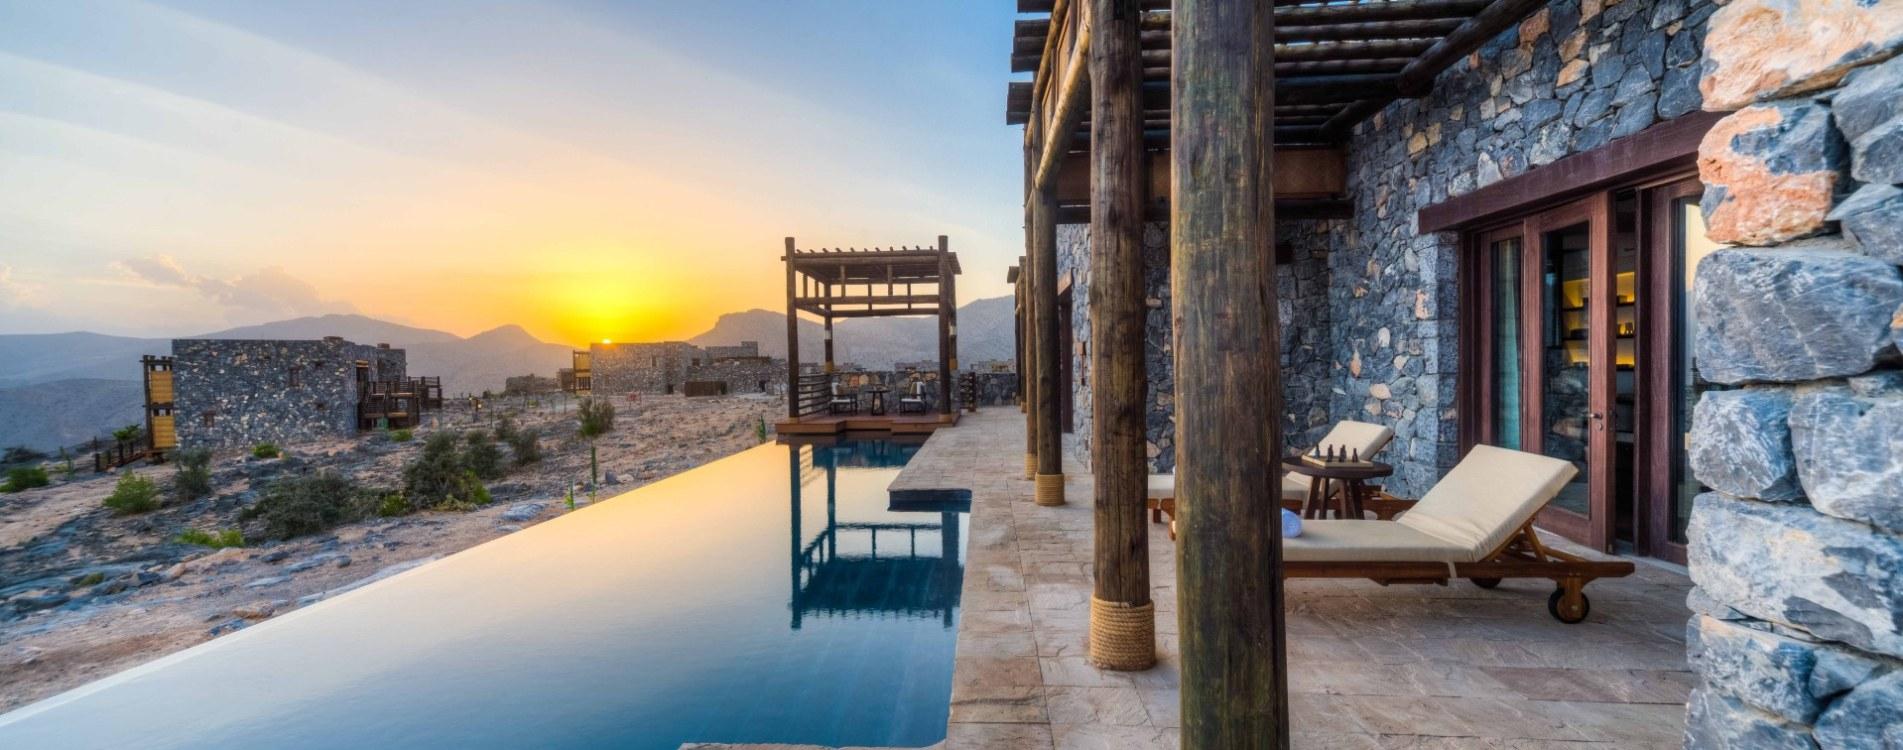 Alila-Jabal-Akhdar-Jabal-Villa-privater-Pool.jpg